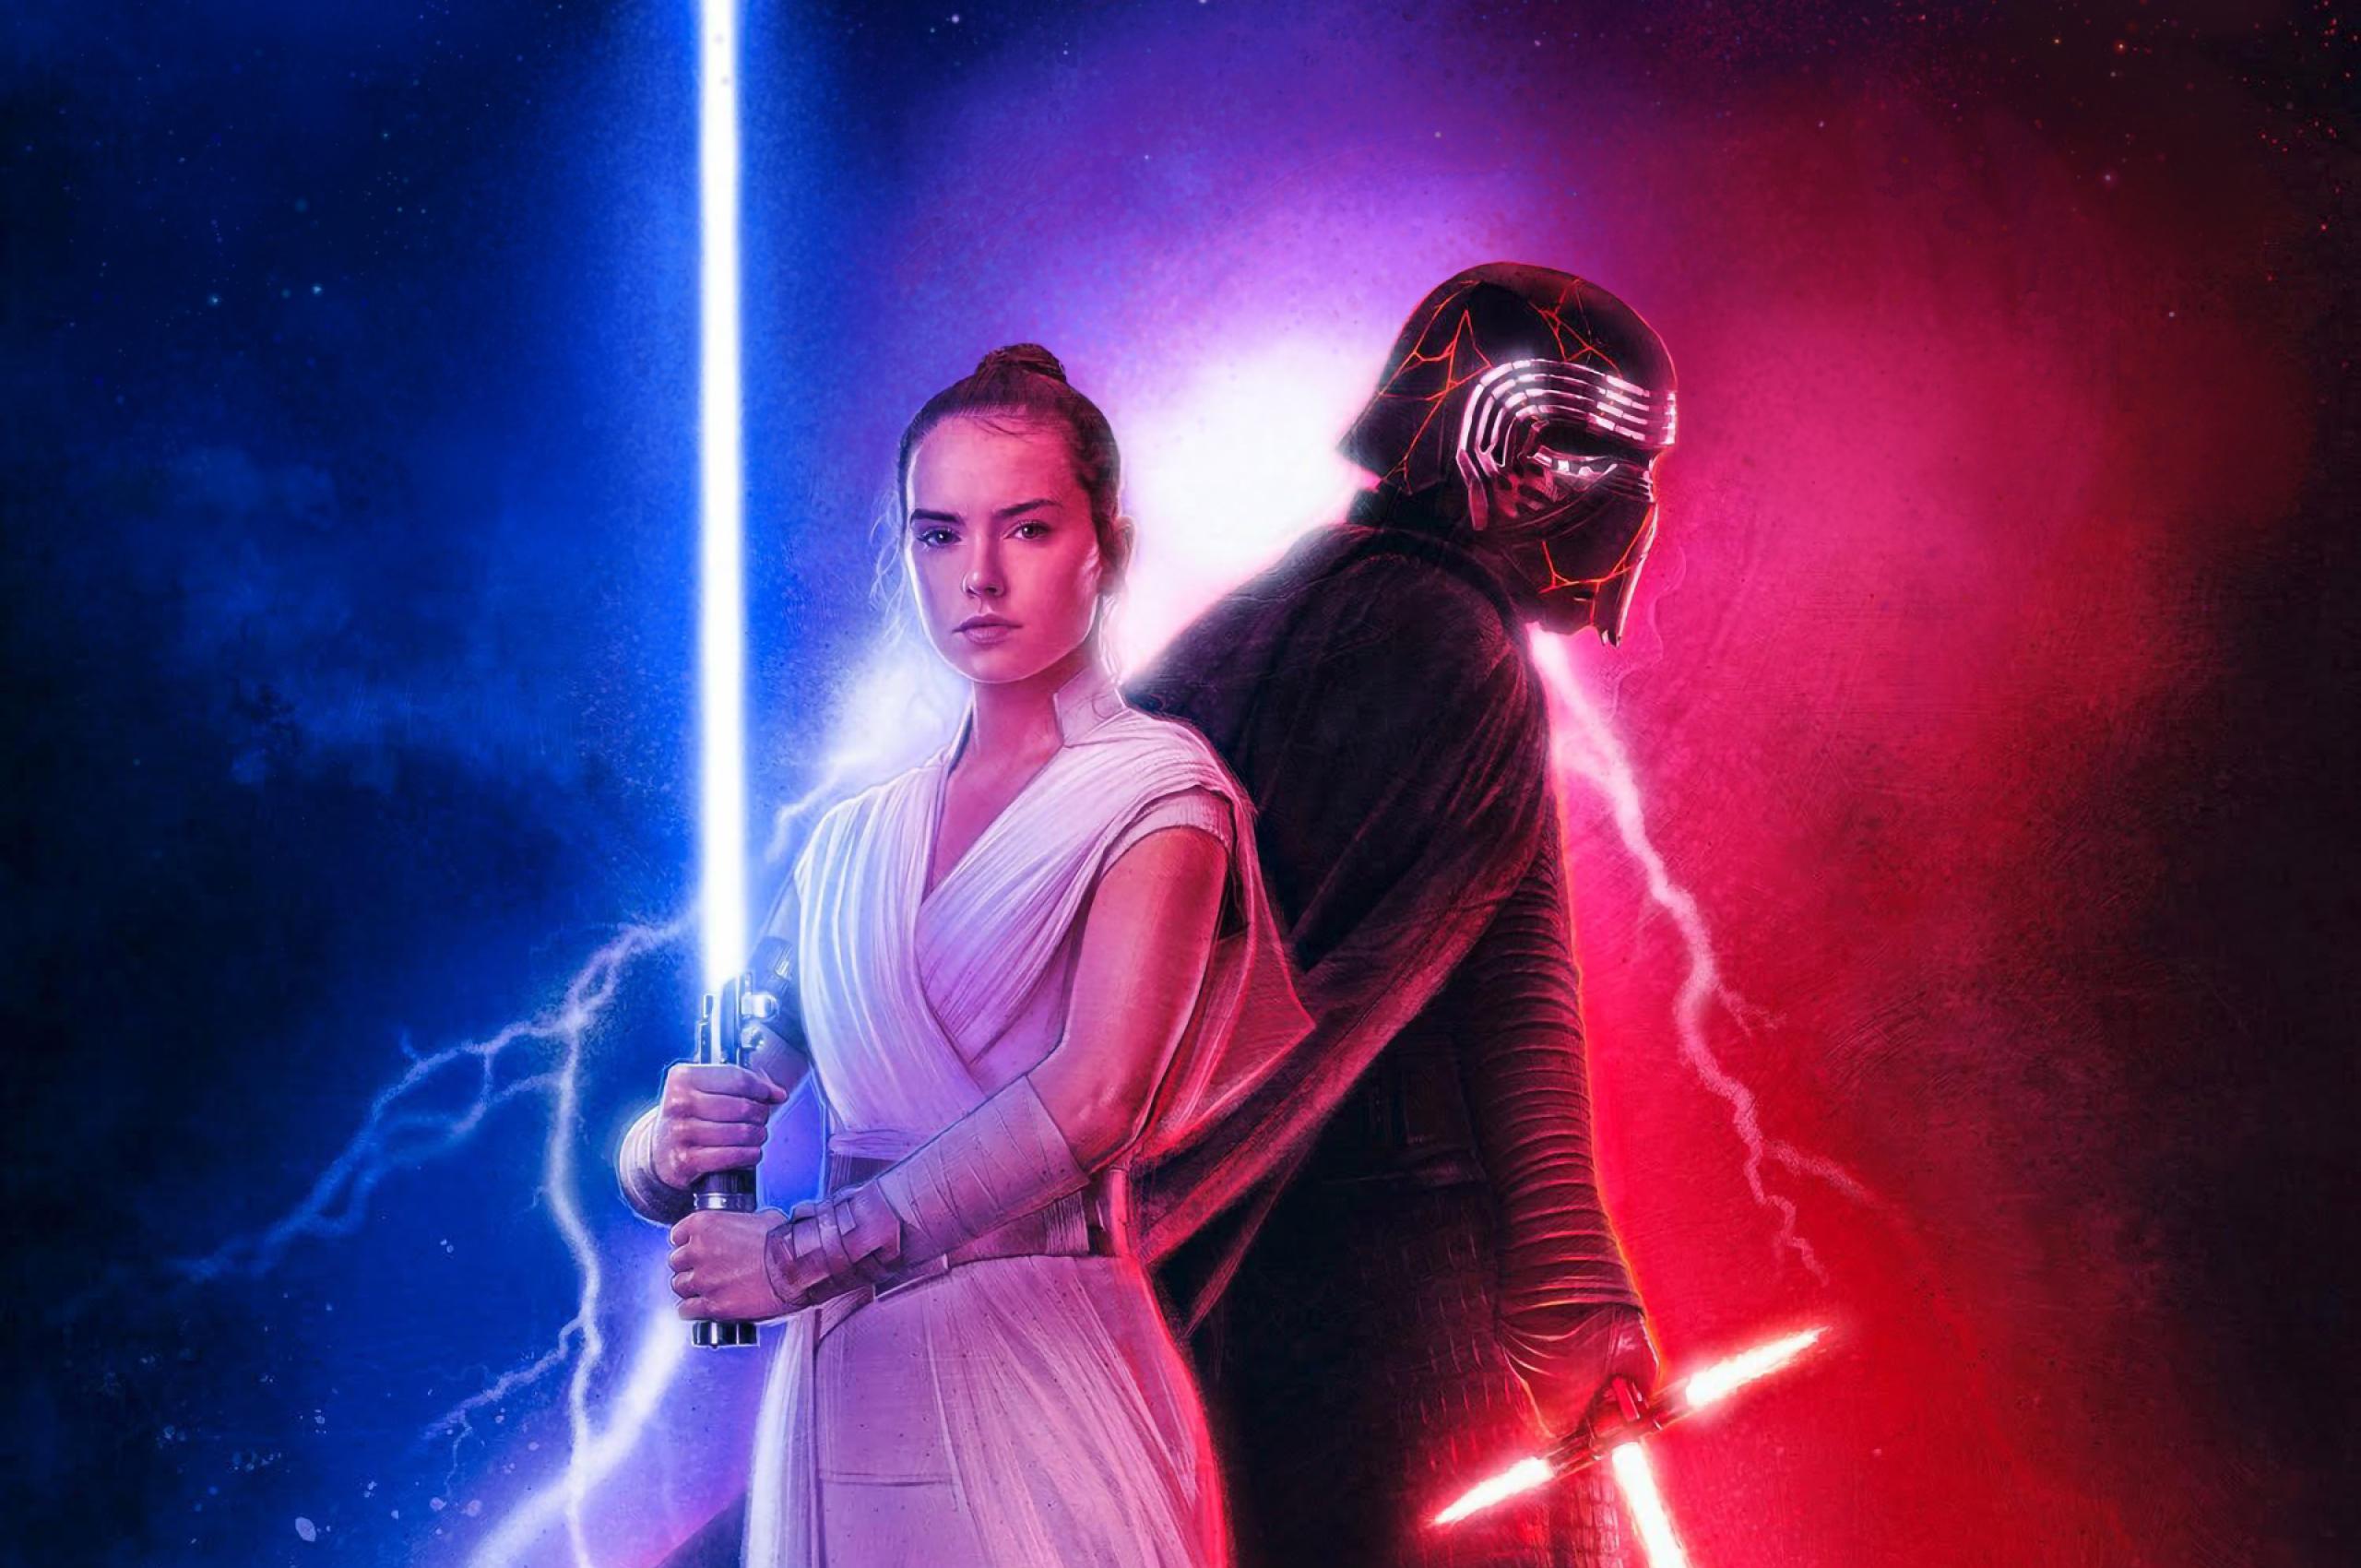 star wars episode 9 empire